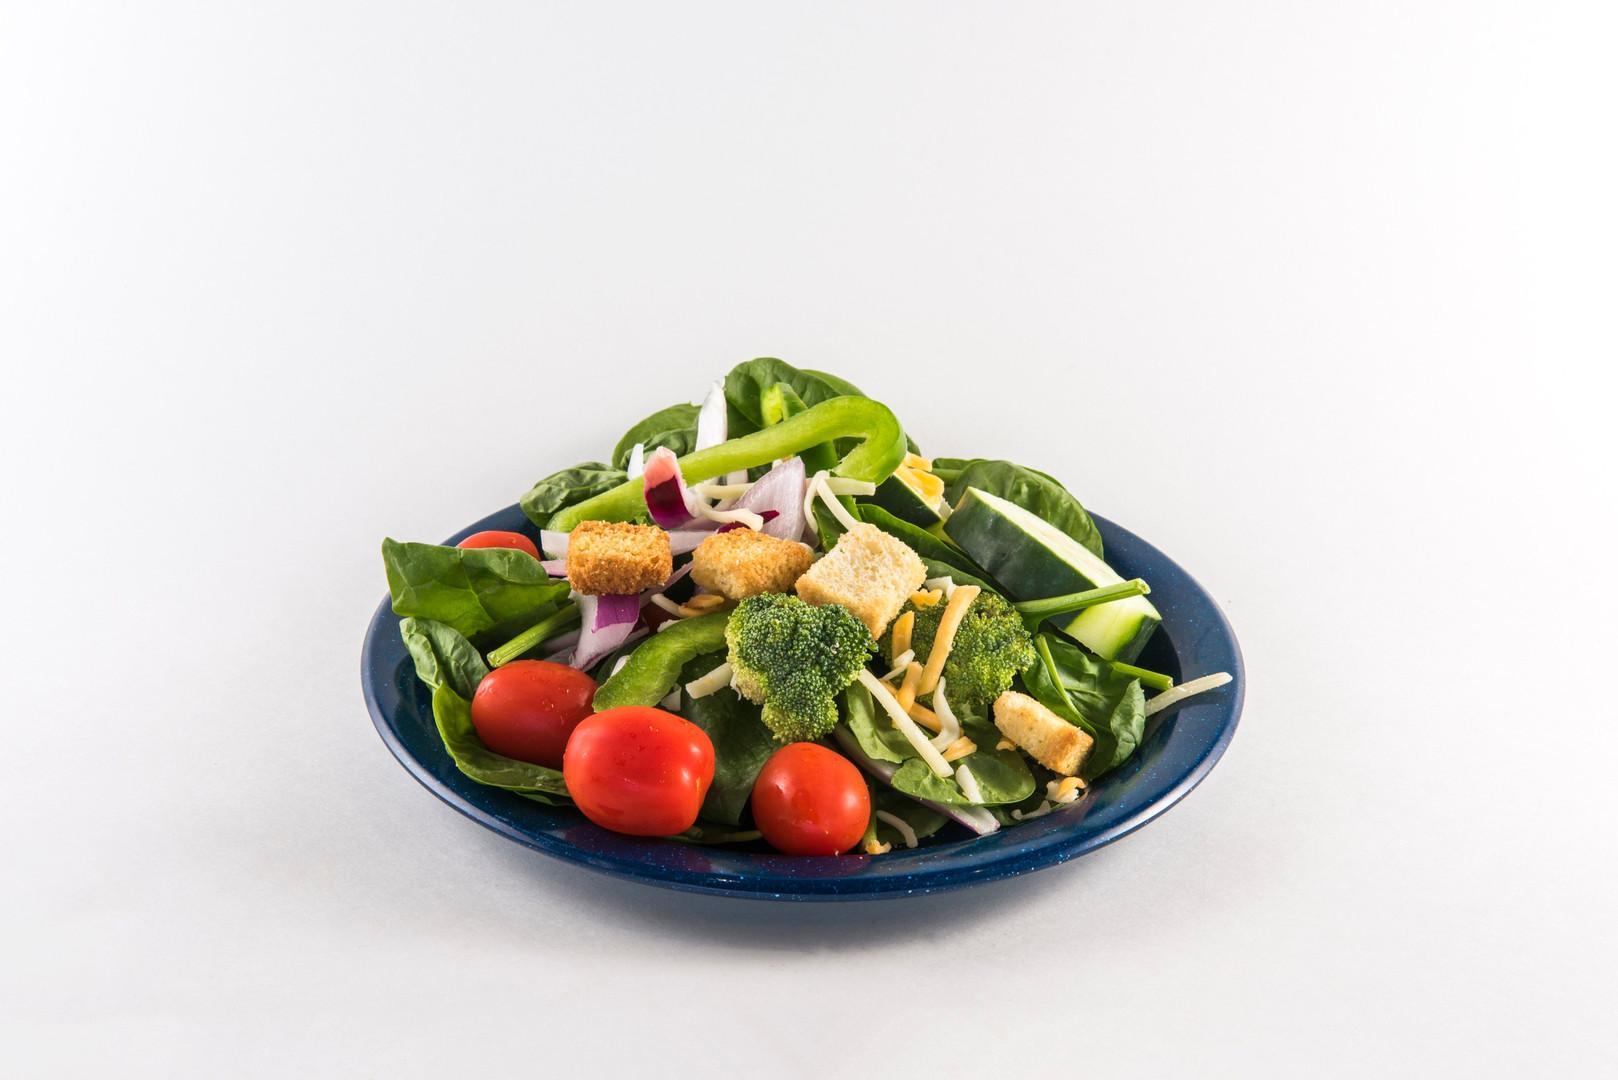 SaladPlate copy.jpg